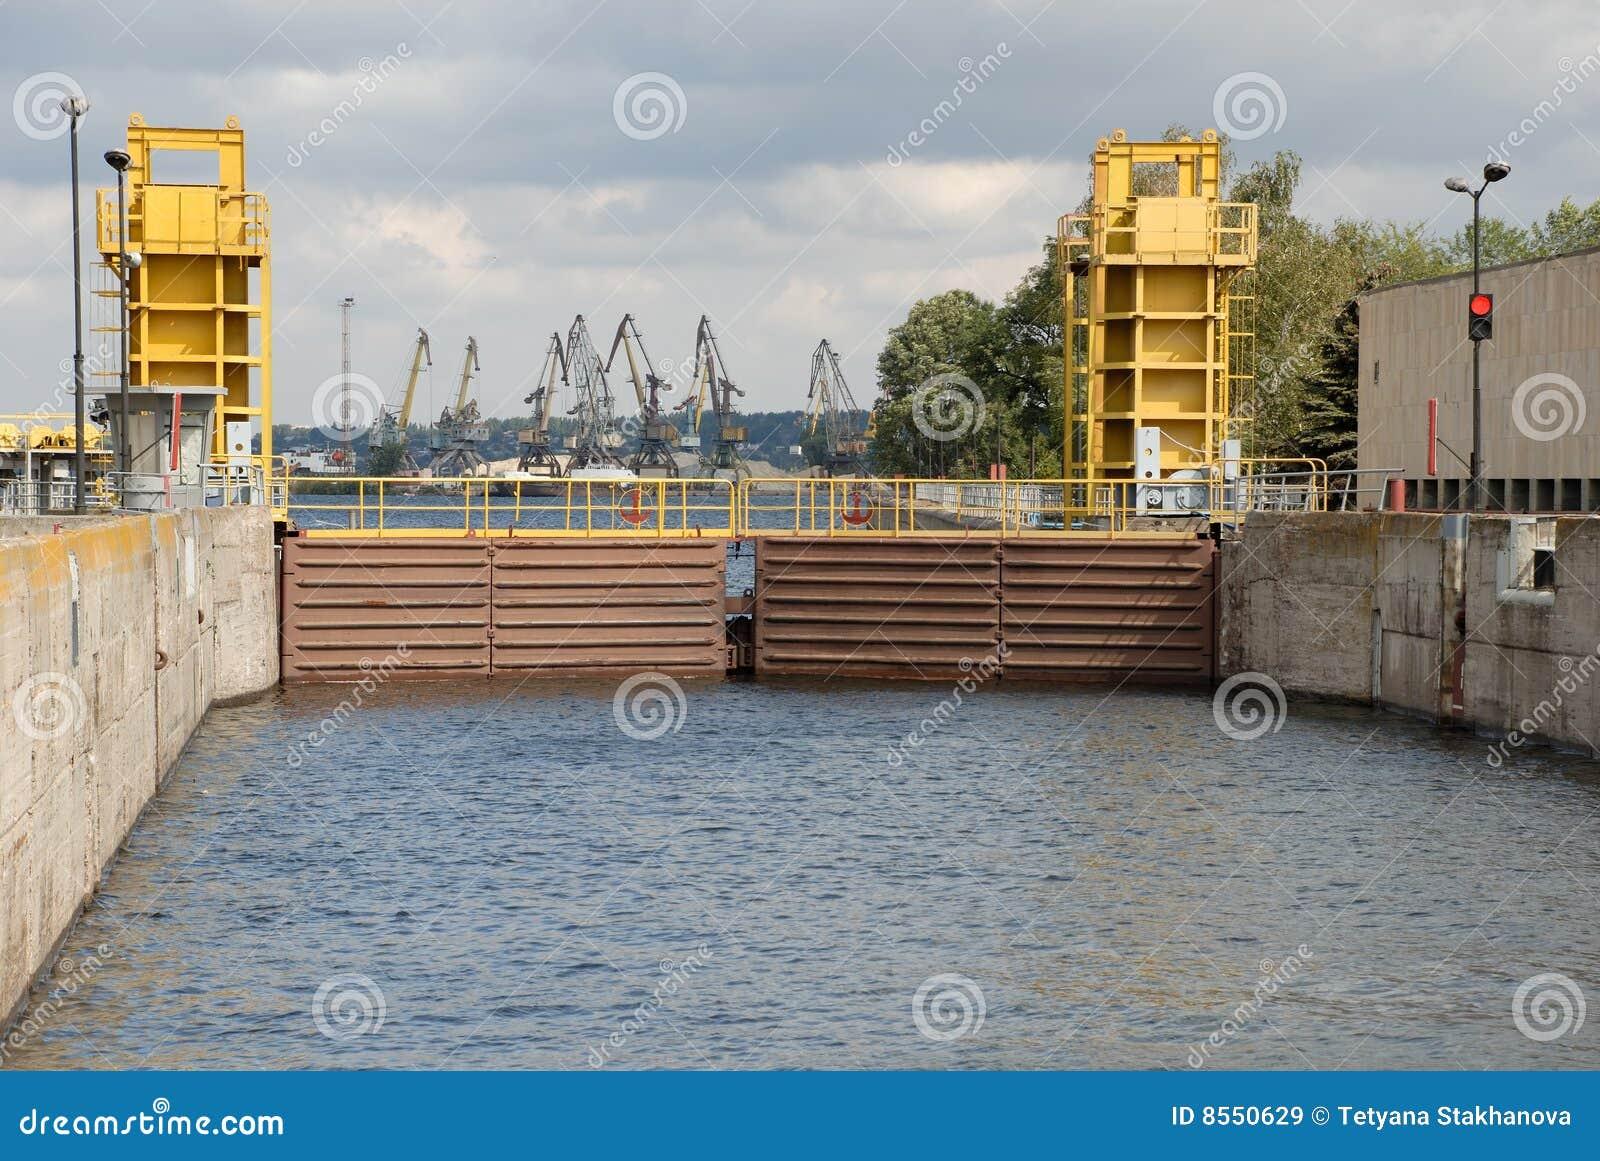 De verschepende poorten van het op water van de kamer van het slot royalty vrije stock - Kamer van water ...